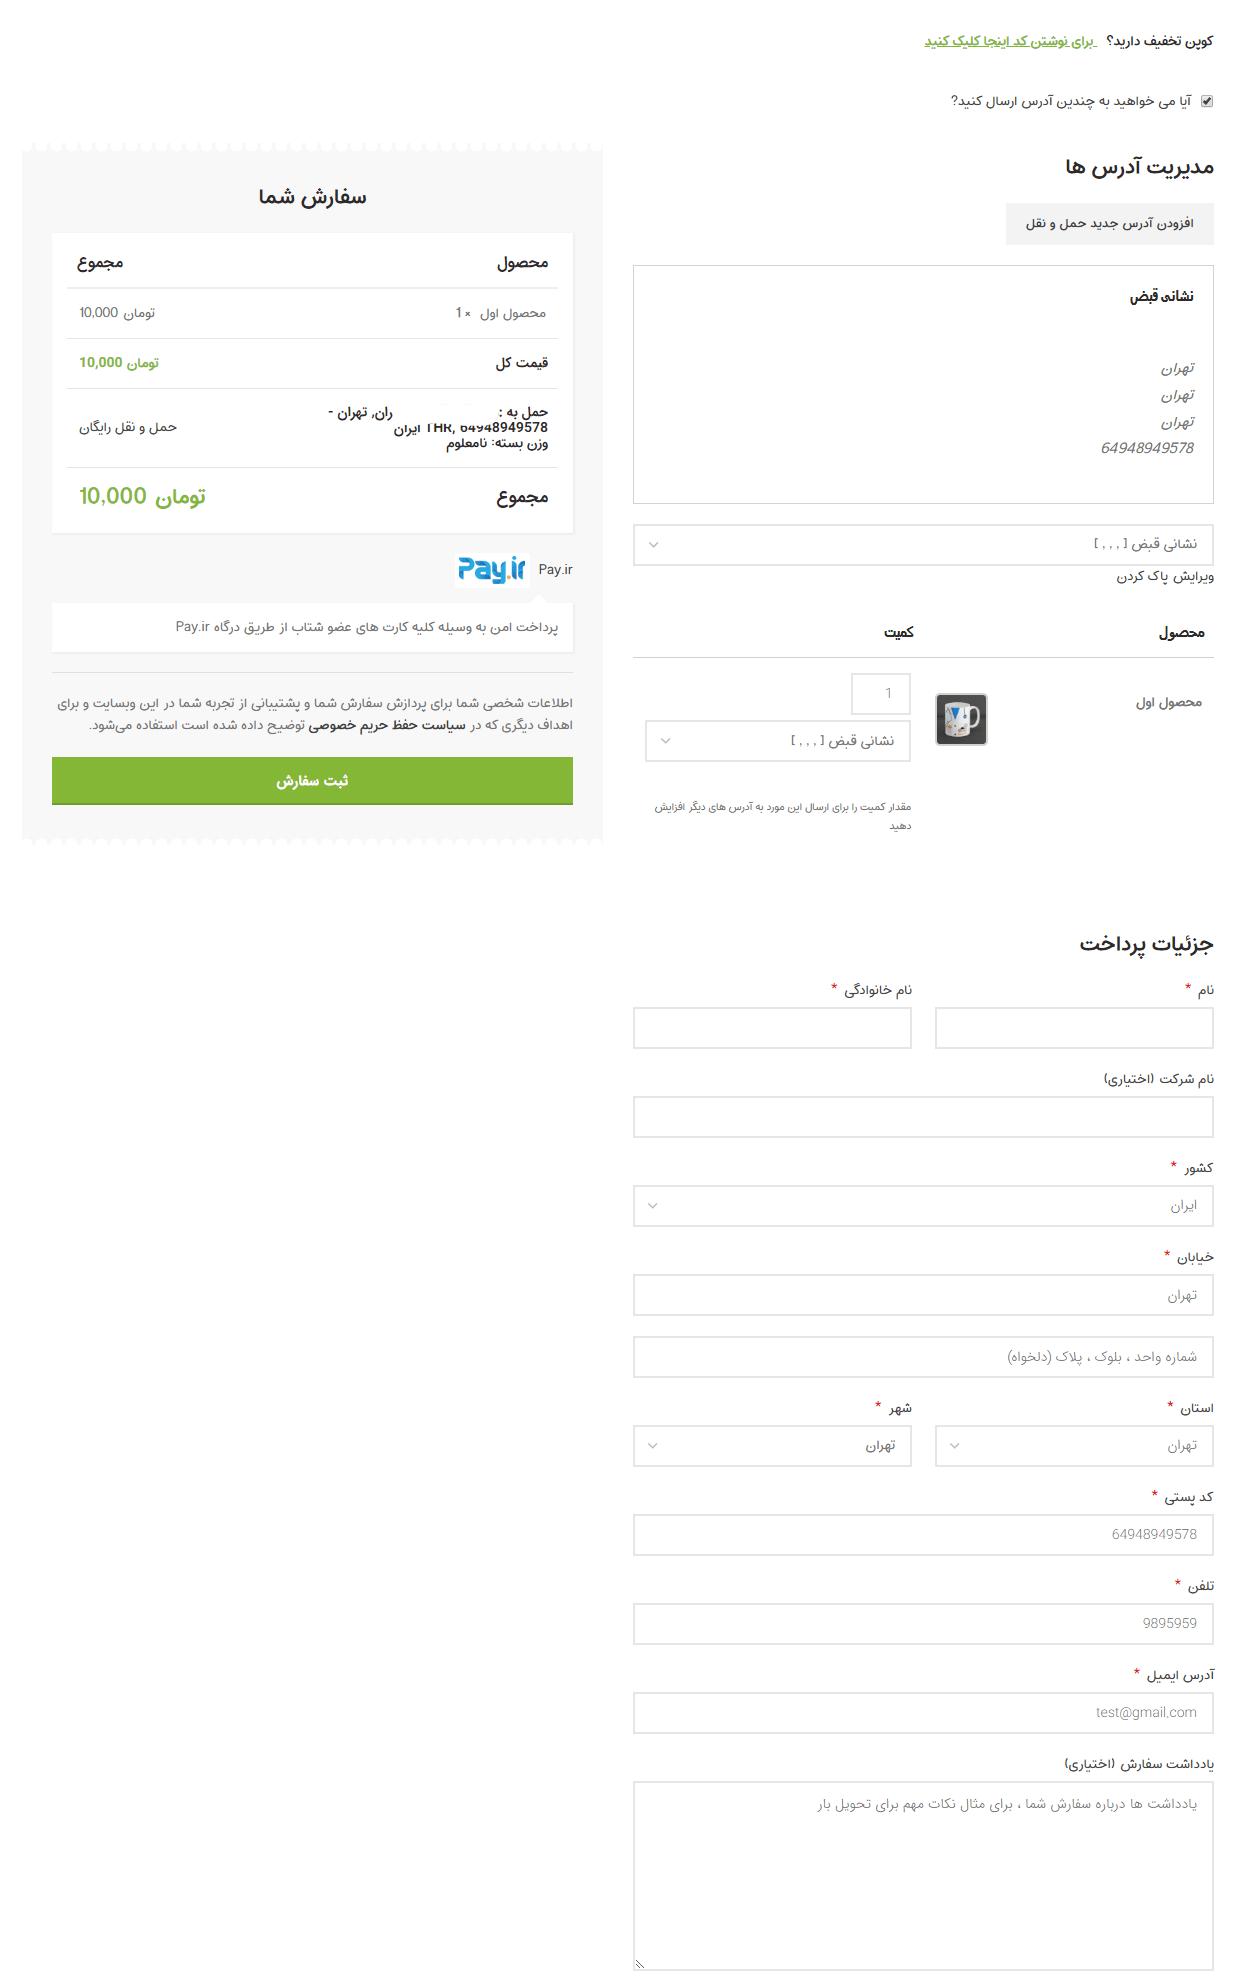 افزونه چندآدرسی برای فروشگاه ساز ووکامرس (افزونه YITH Multiple Shipping Address)